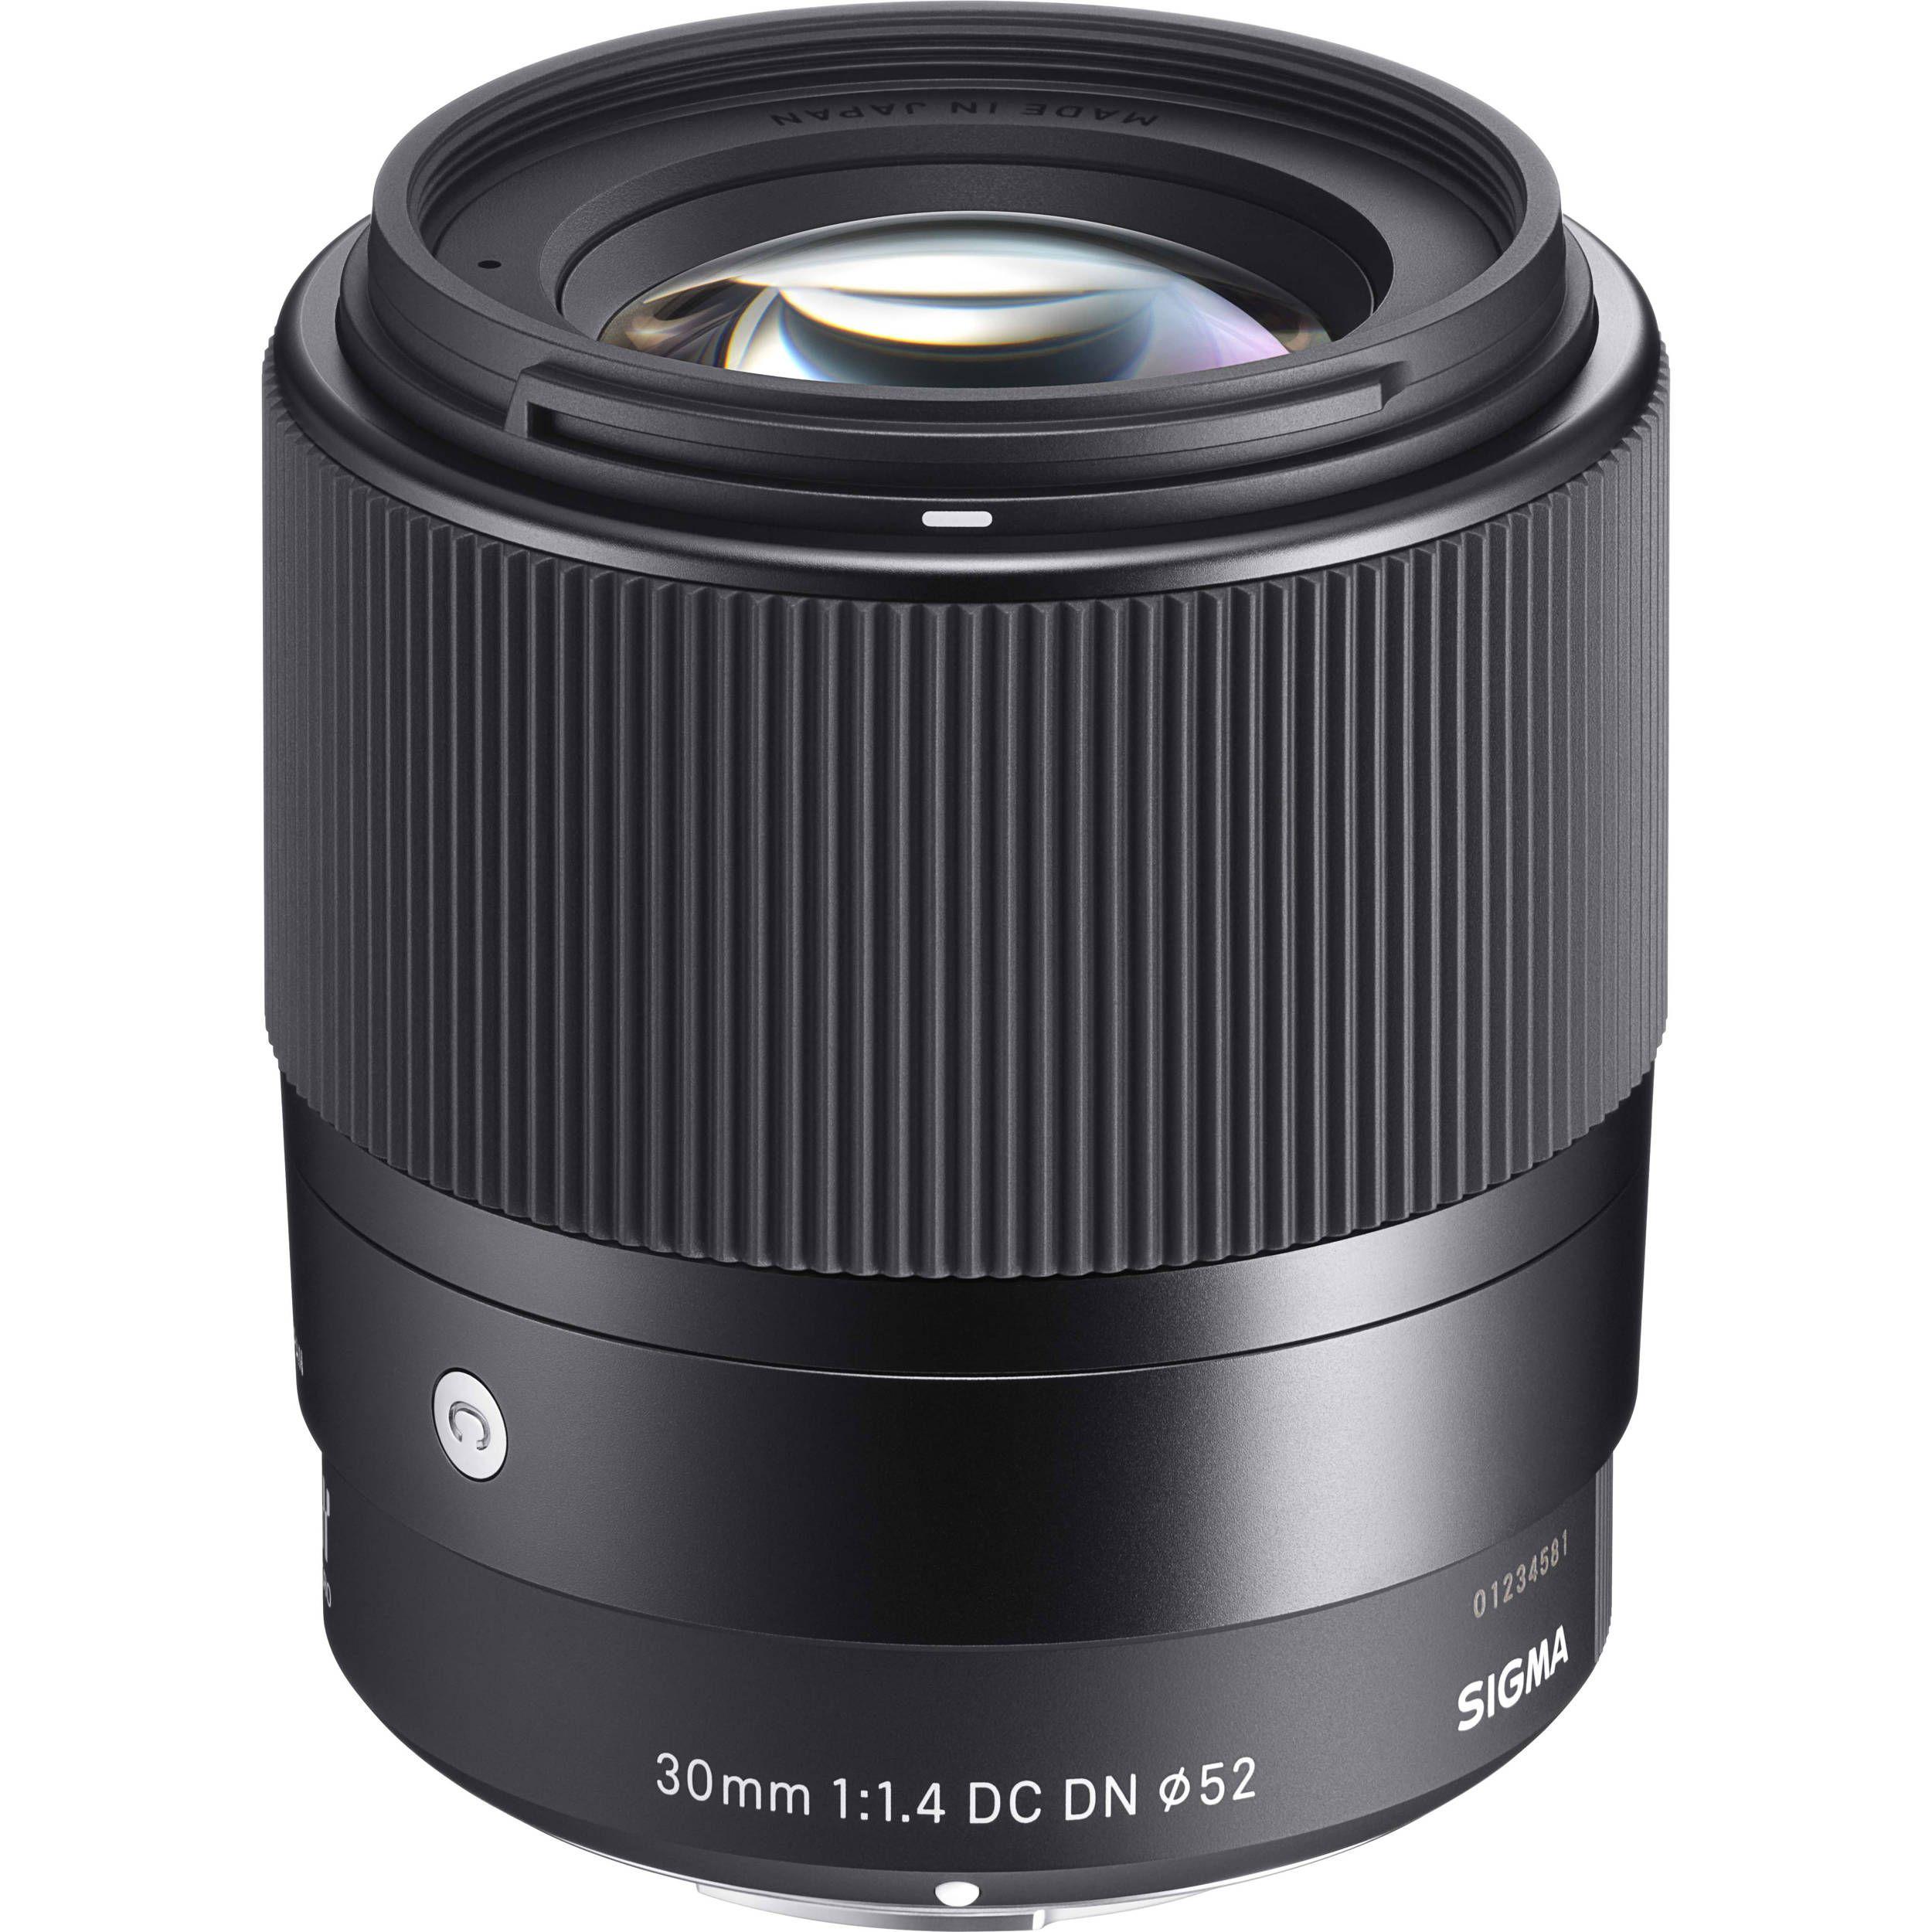 Sigma 30mm f14 dc dn contemporary lens for sony e